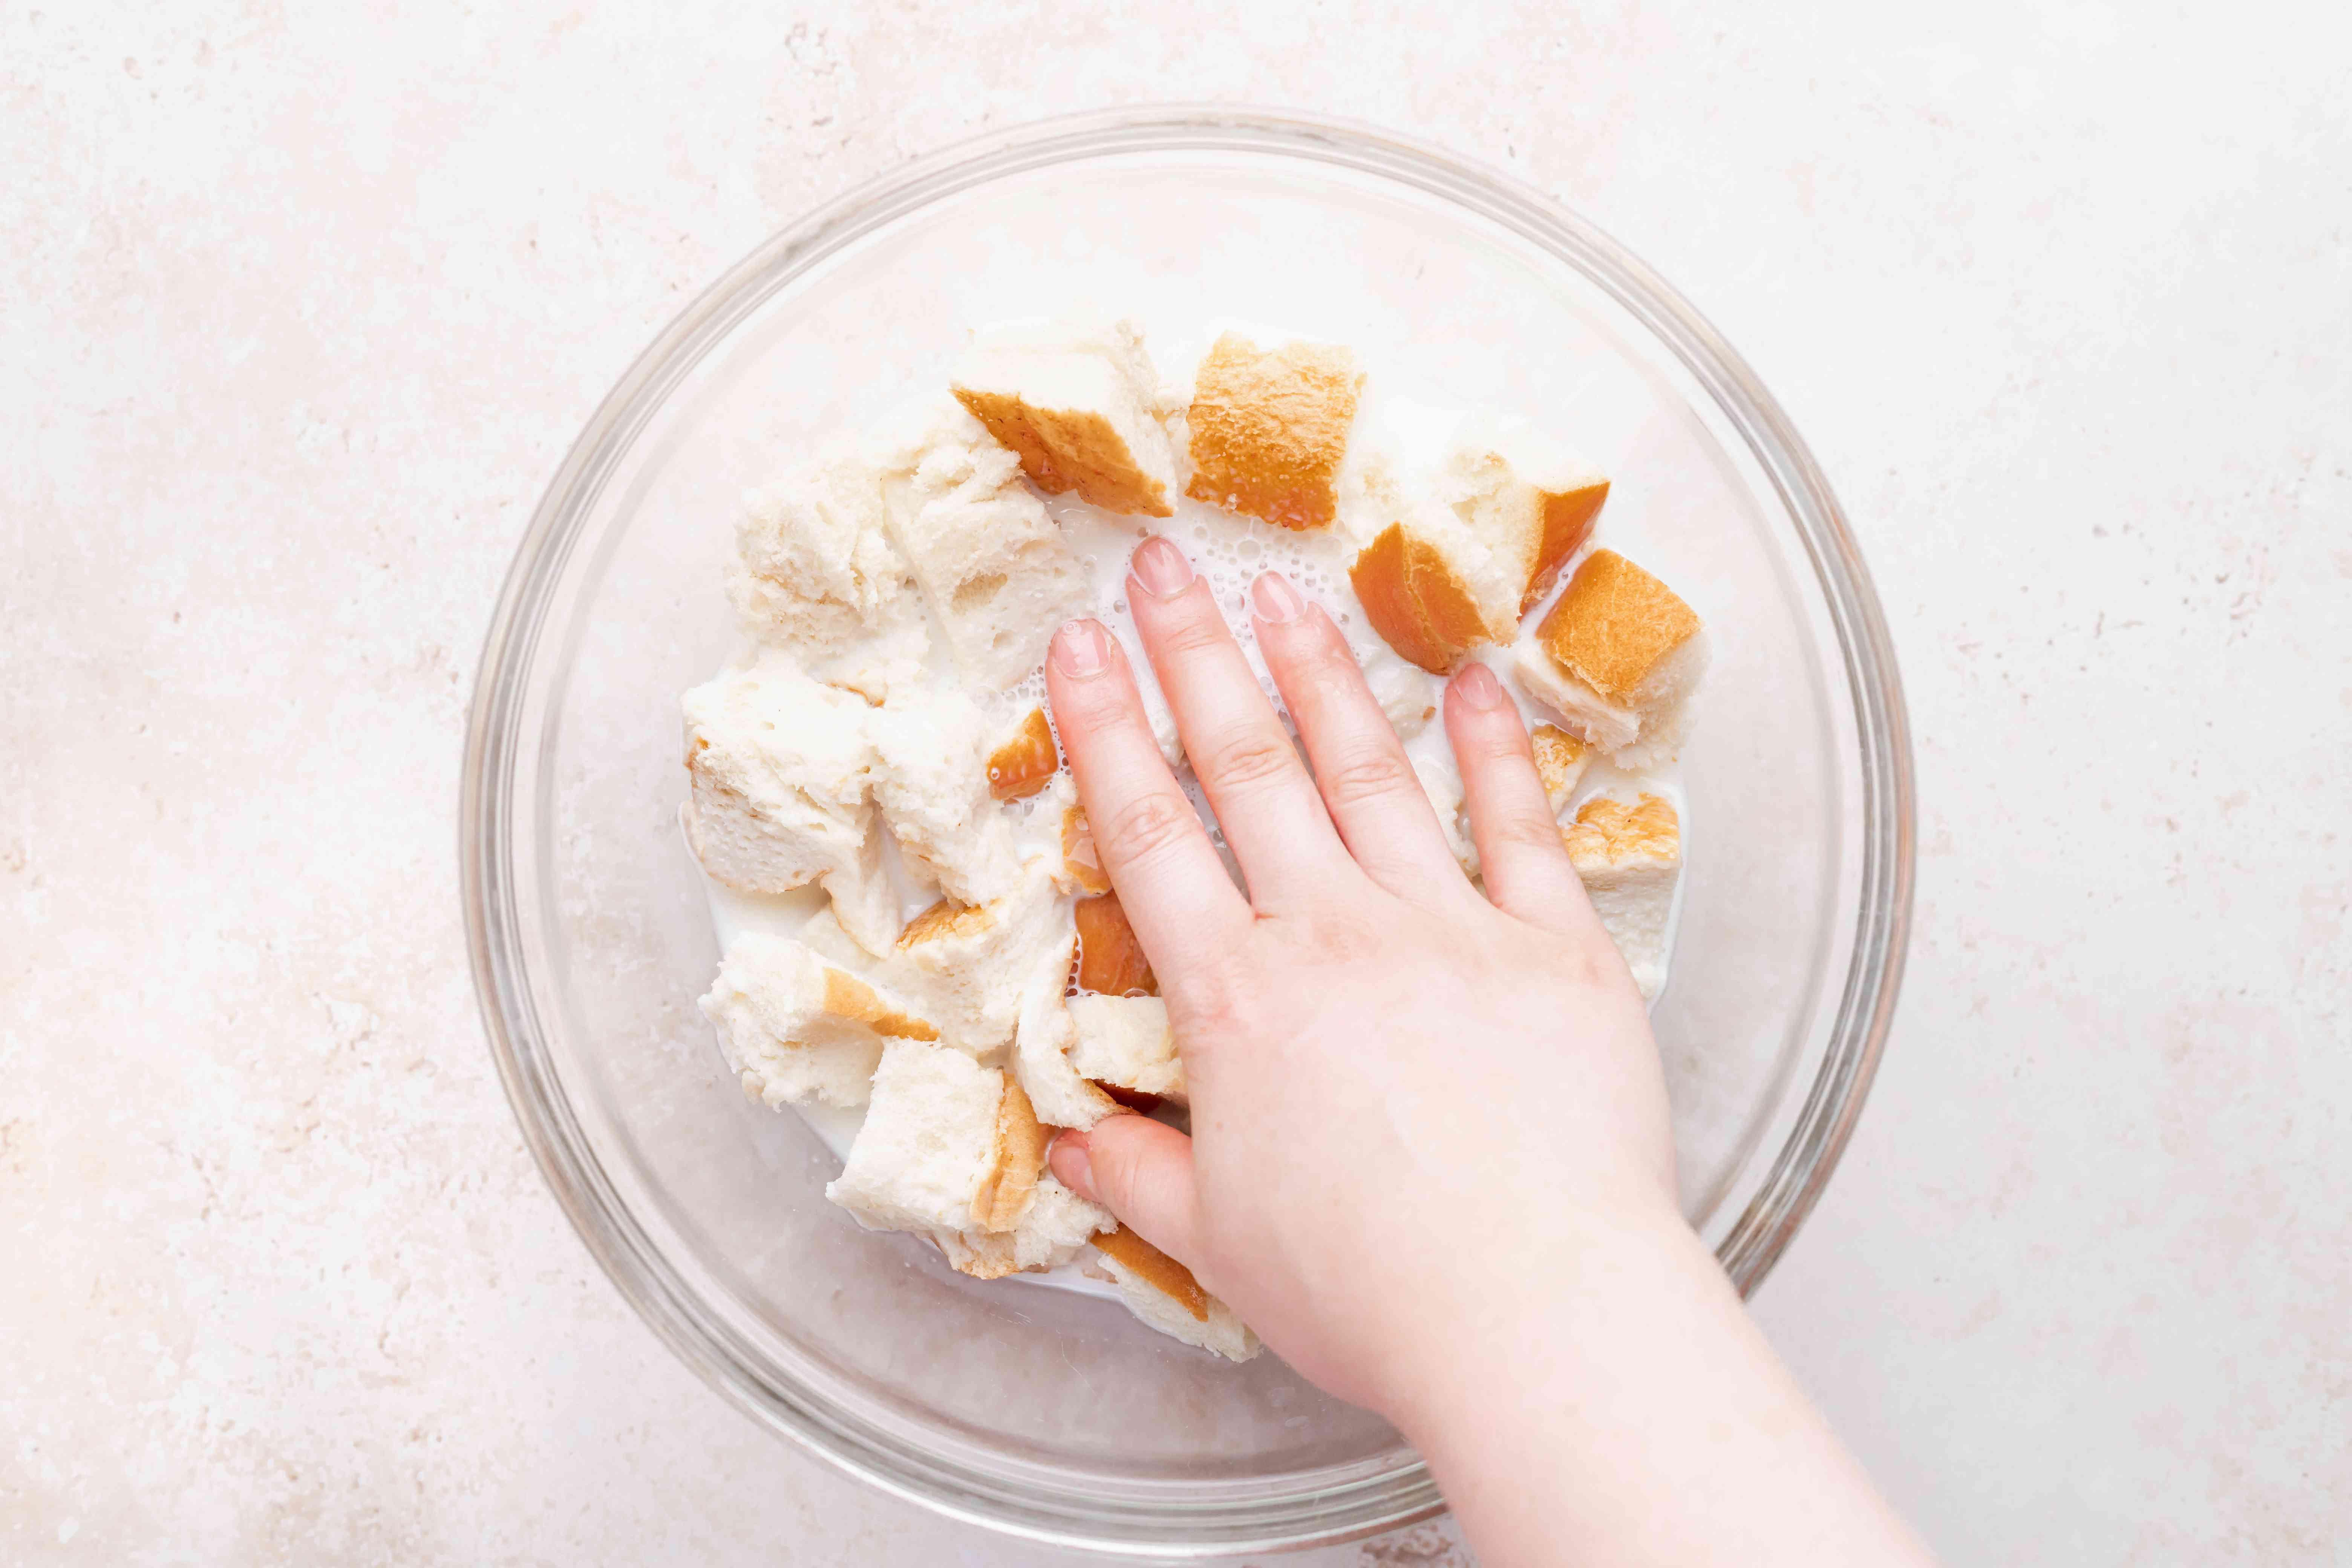 Soaking bread in a milk mixture to make a bread pudding recipe.